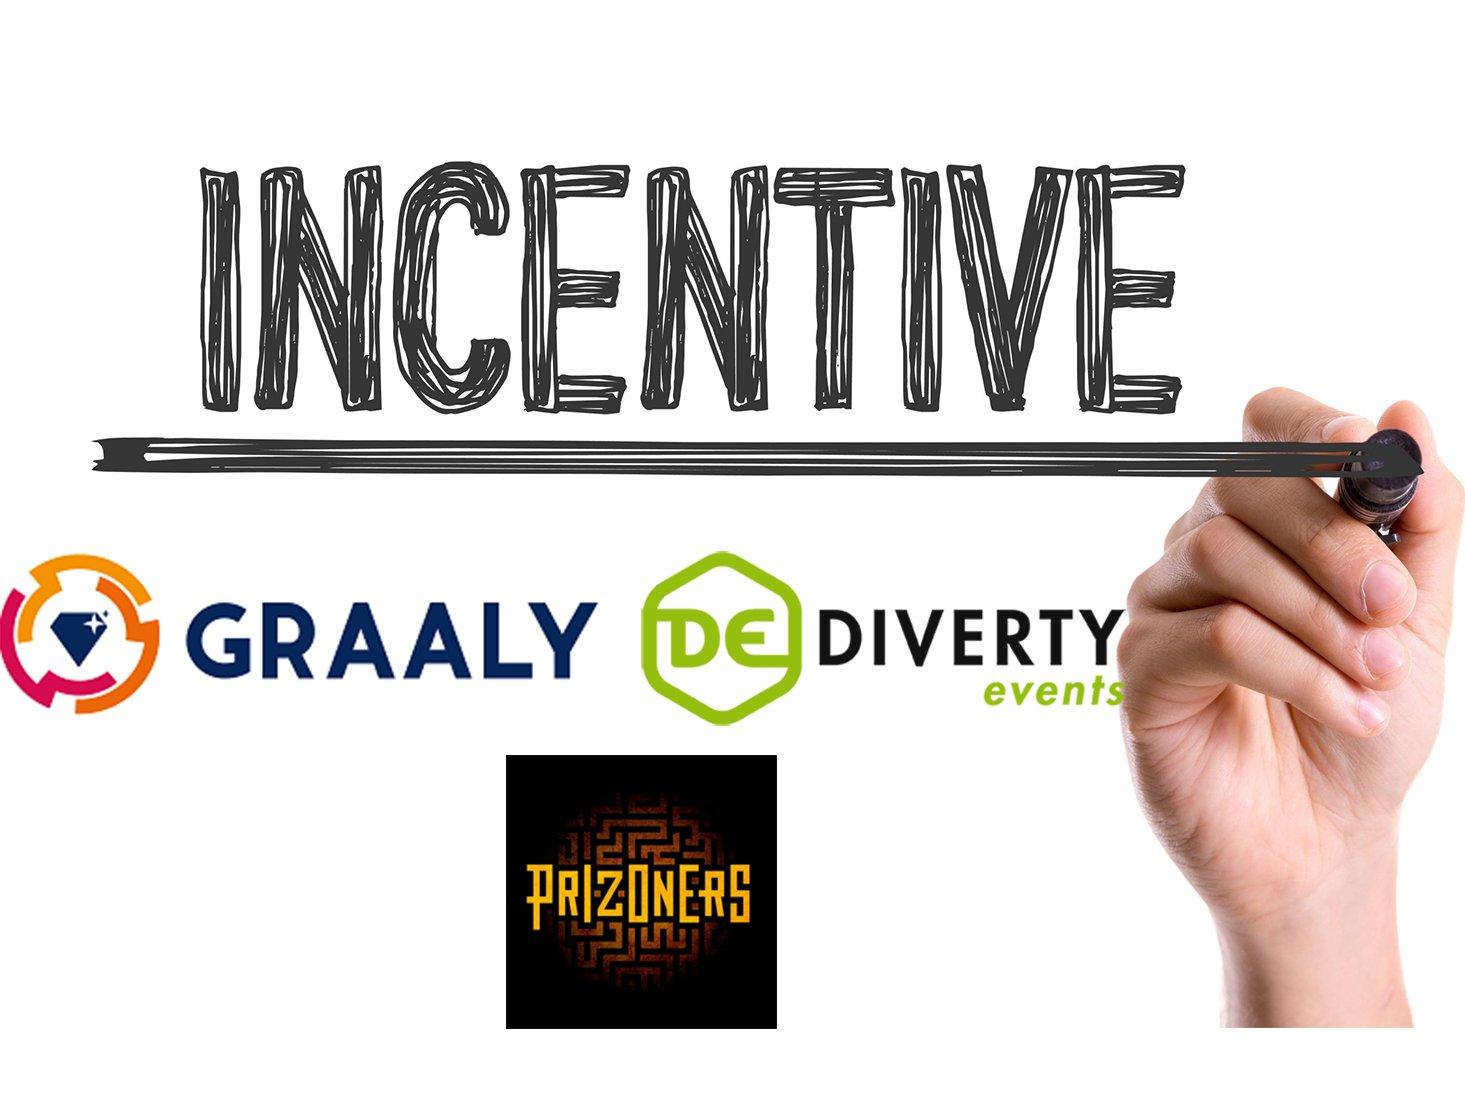 header_incentives.jpg